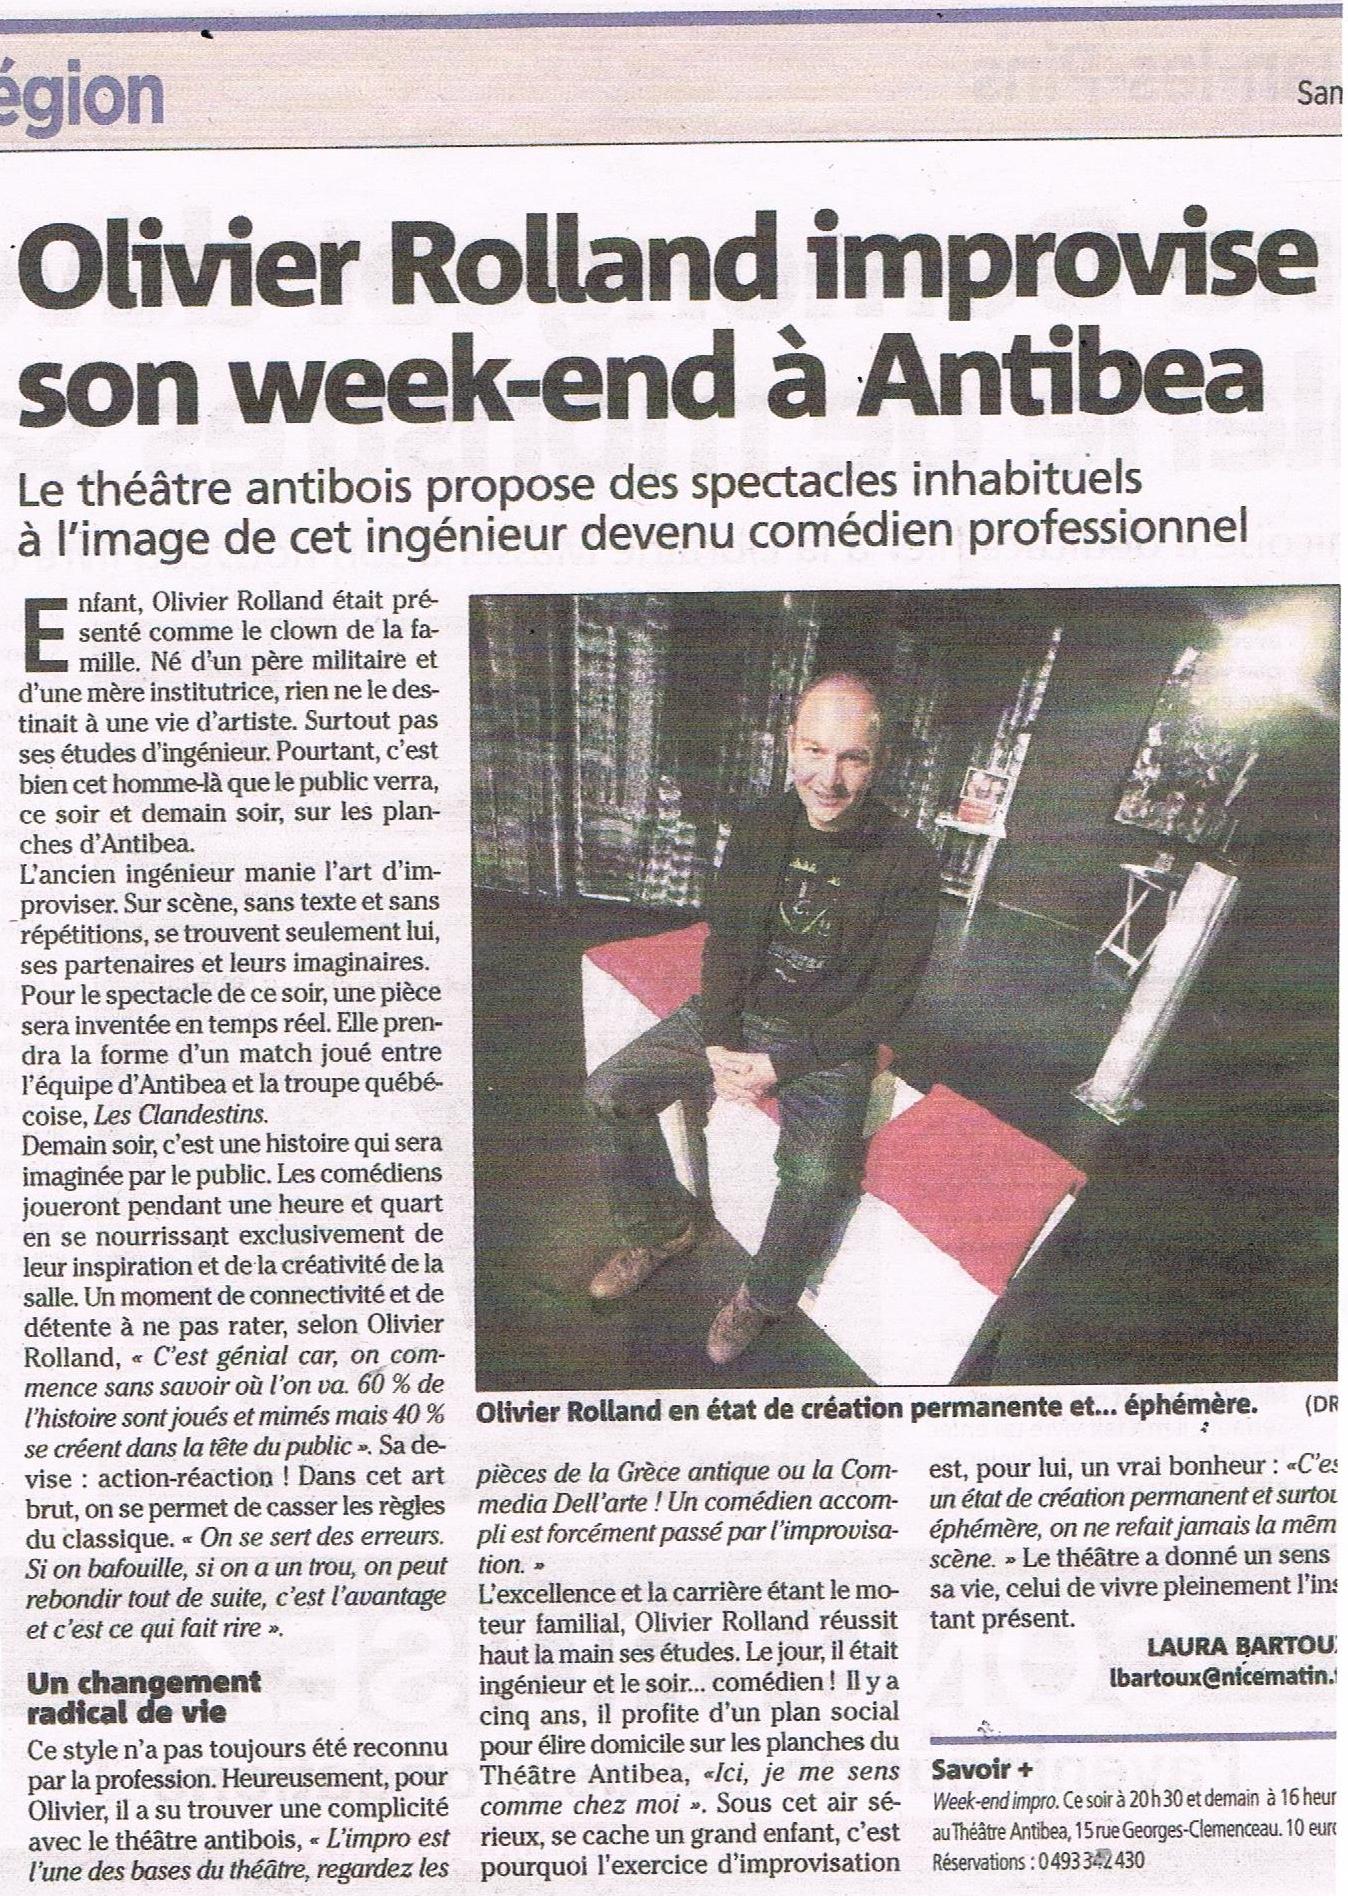 article-olivier-weekendImproMai2015.png